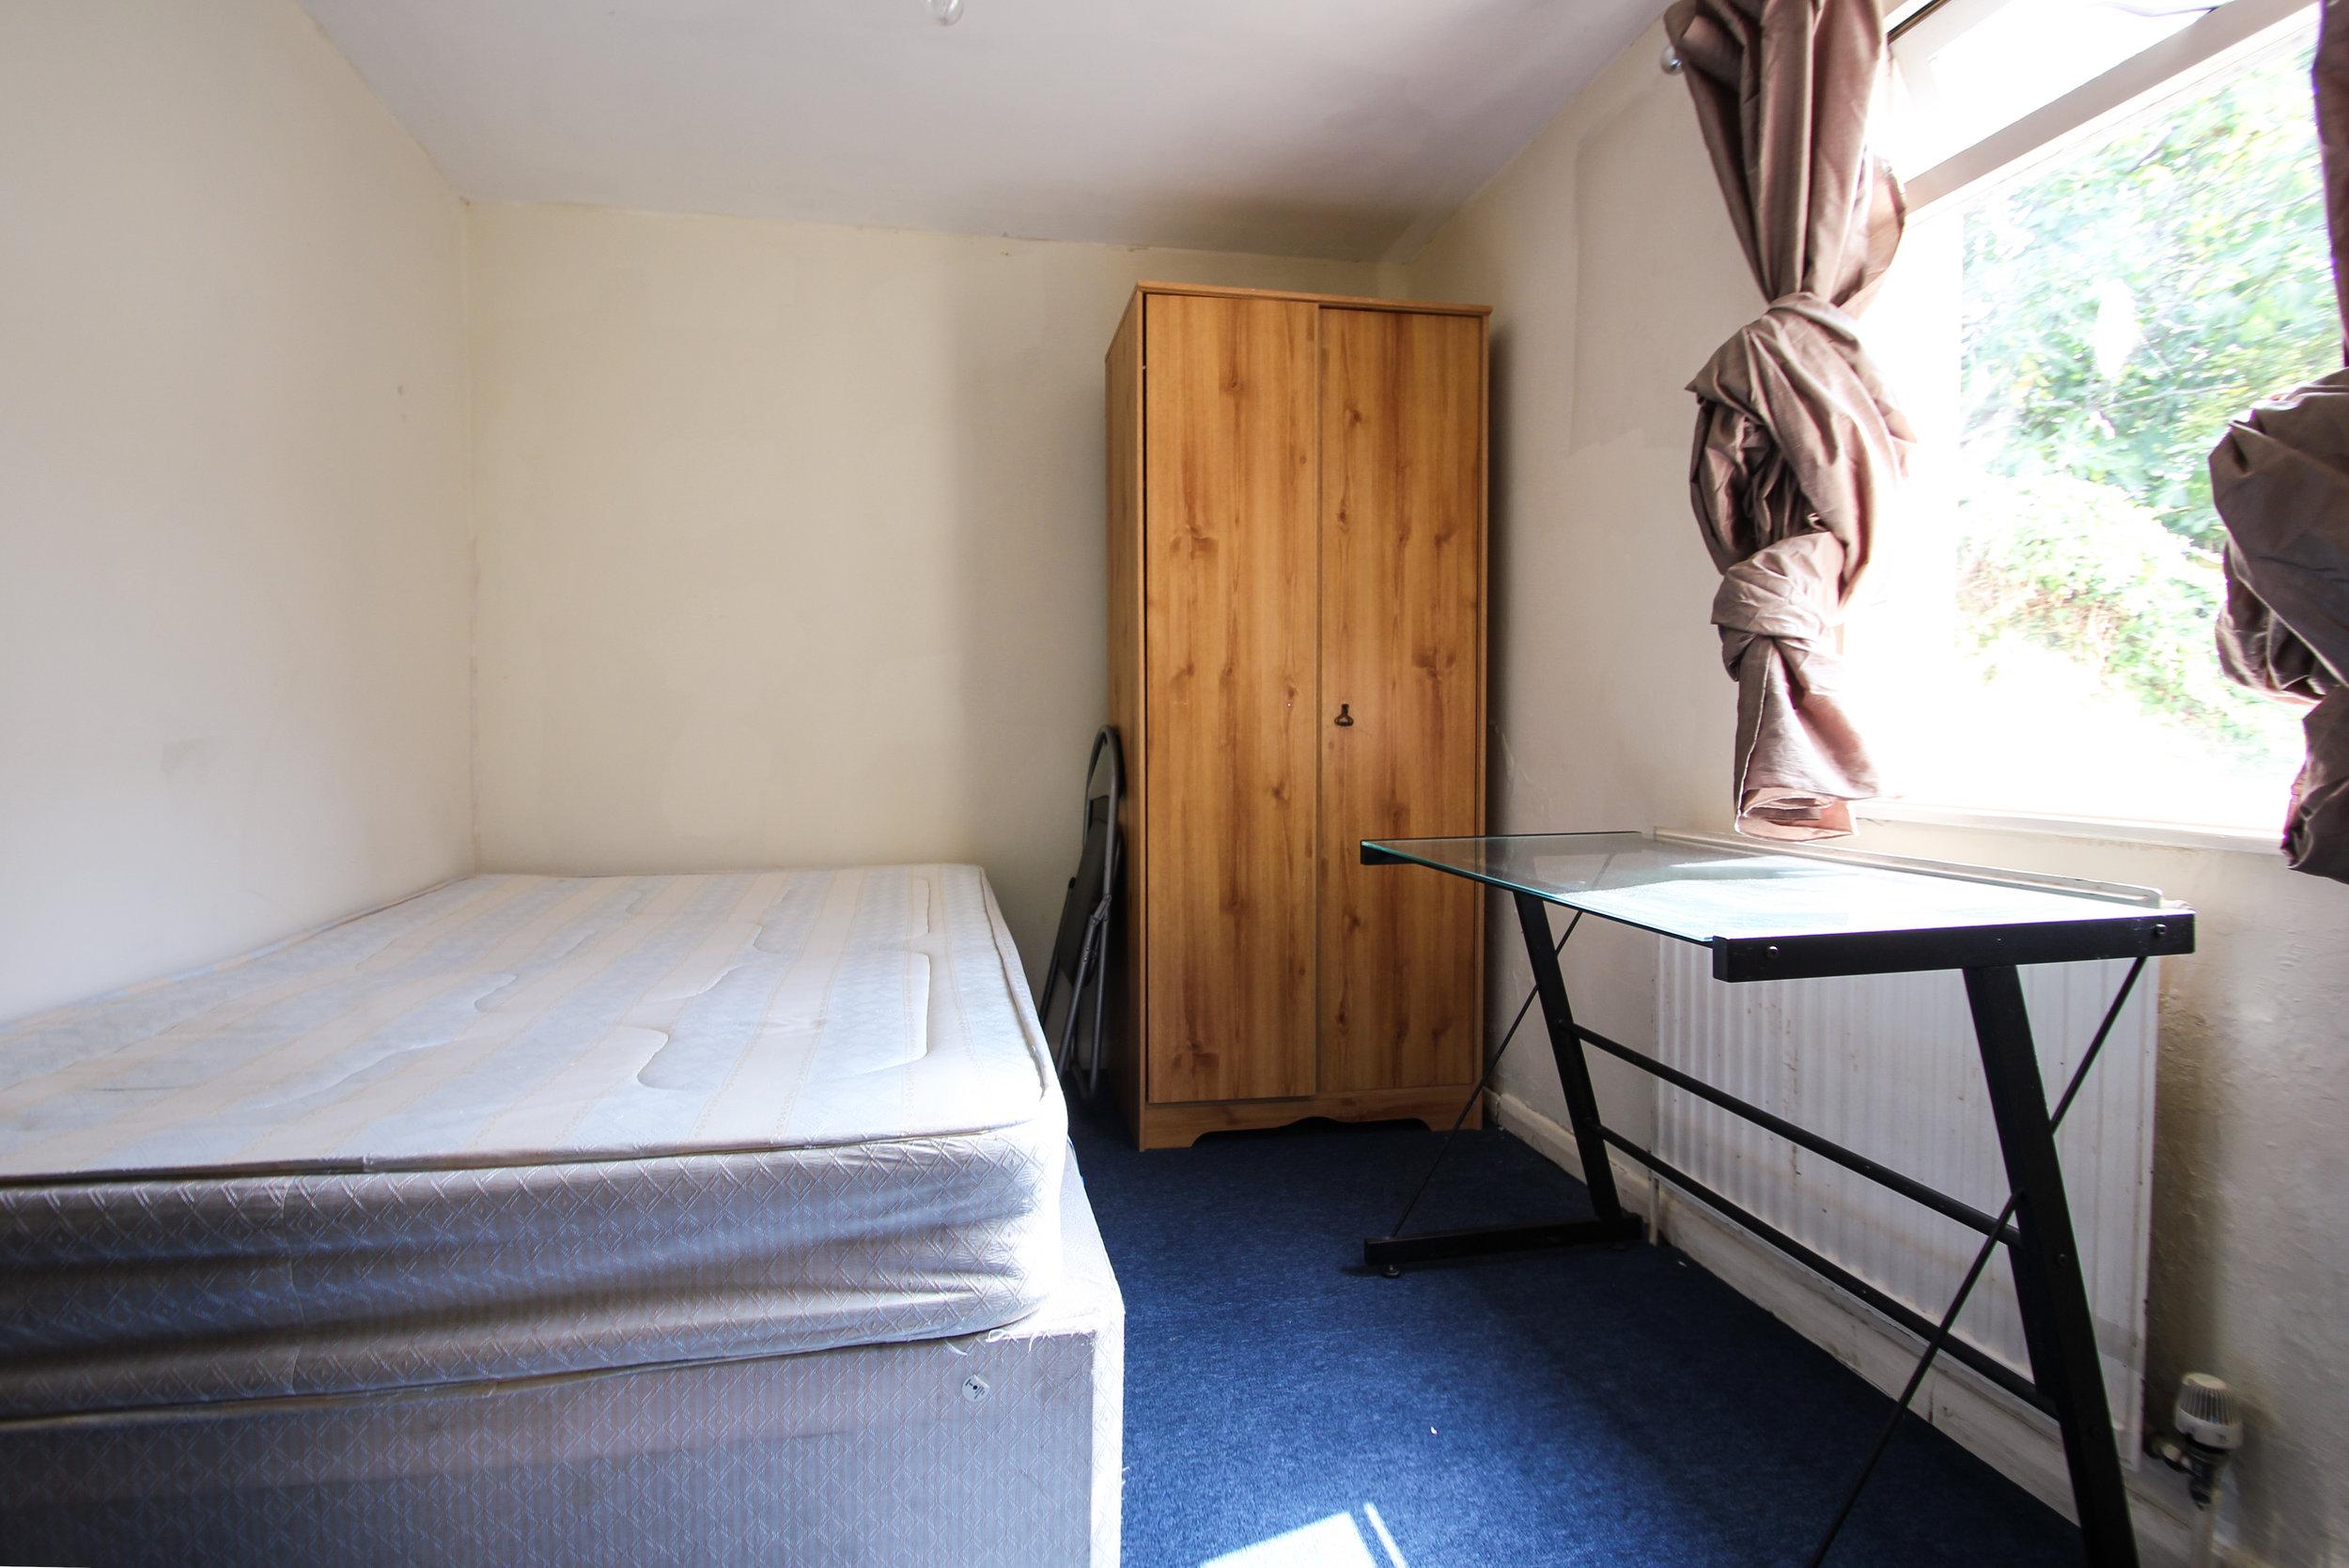 IMG_8097_edited.jpg bedroom 3.jpg